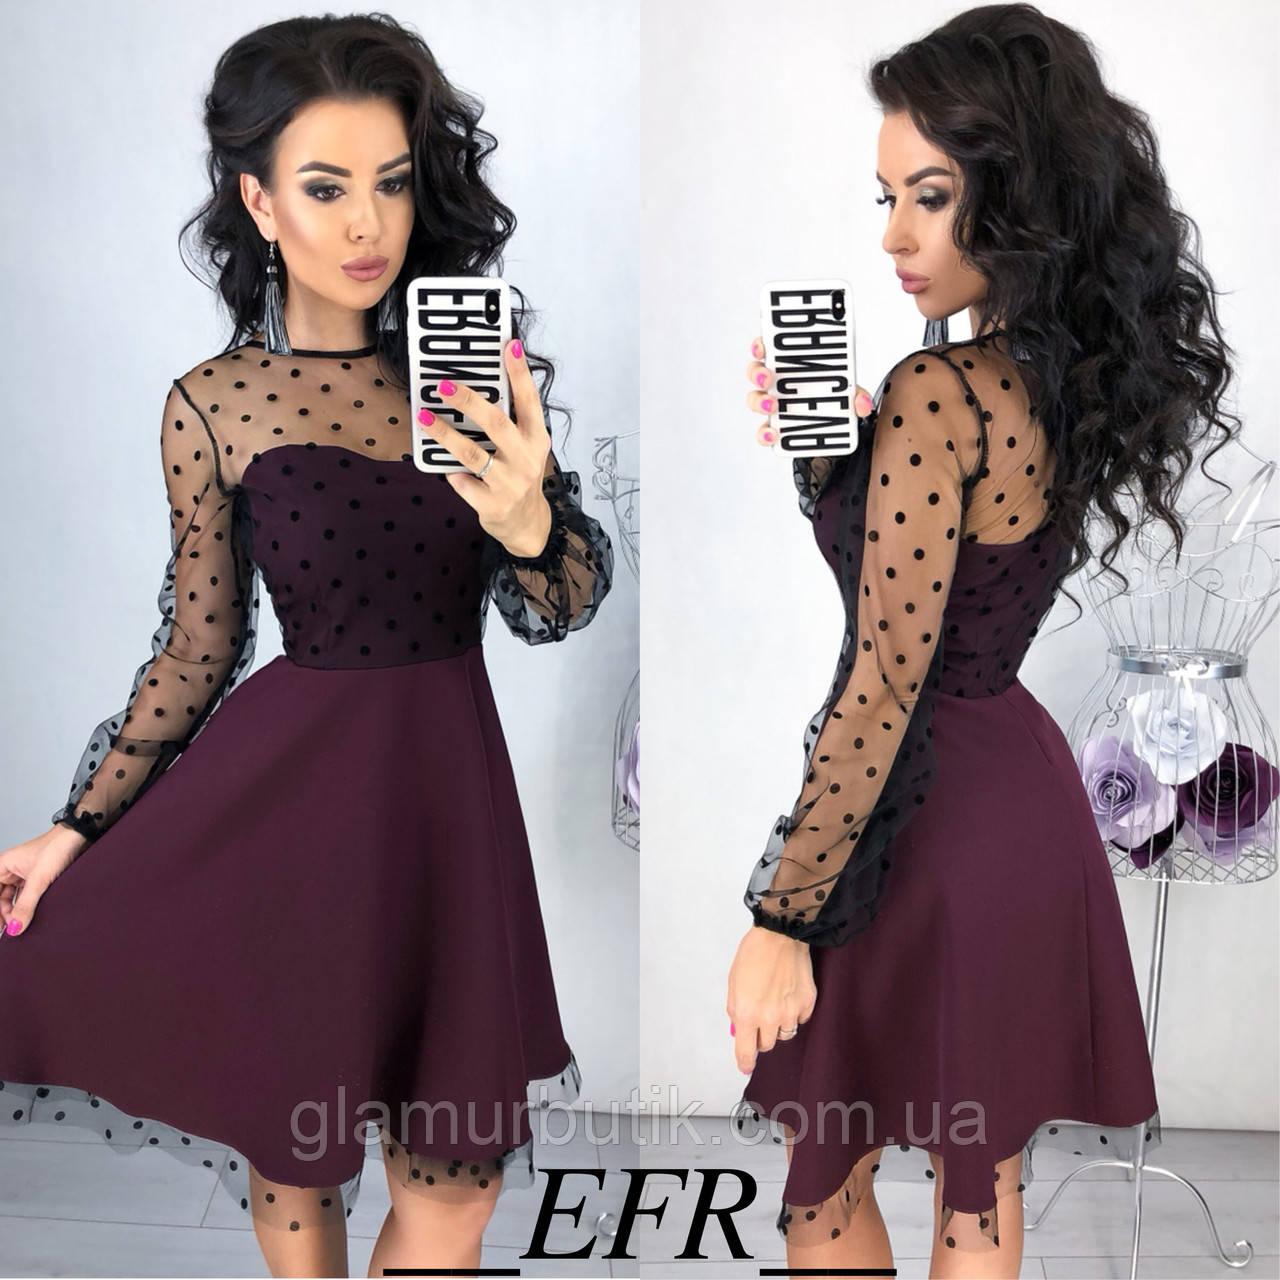 287c5efa65a Красивое вечернее выходное платье с расклешенной юбкой и сеткой фатином S-M  L-XL марсала